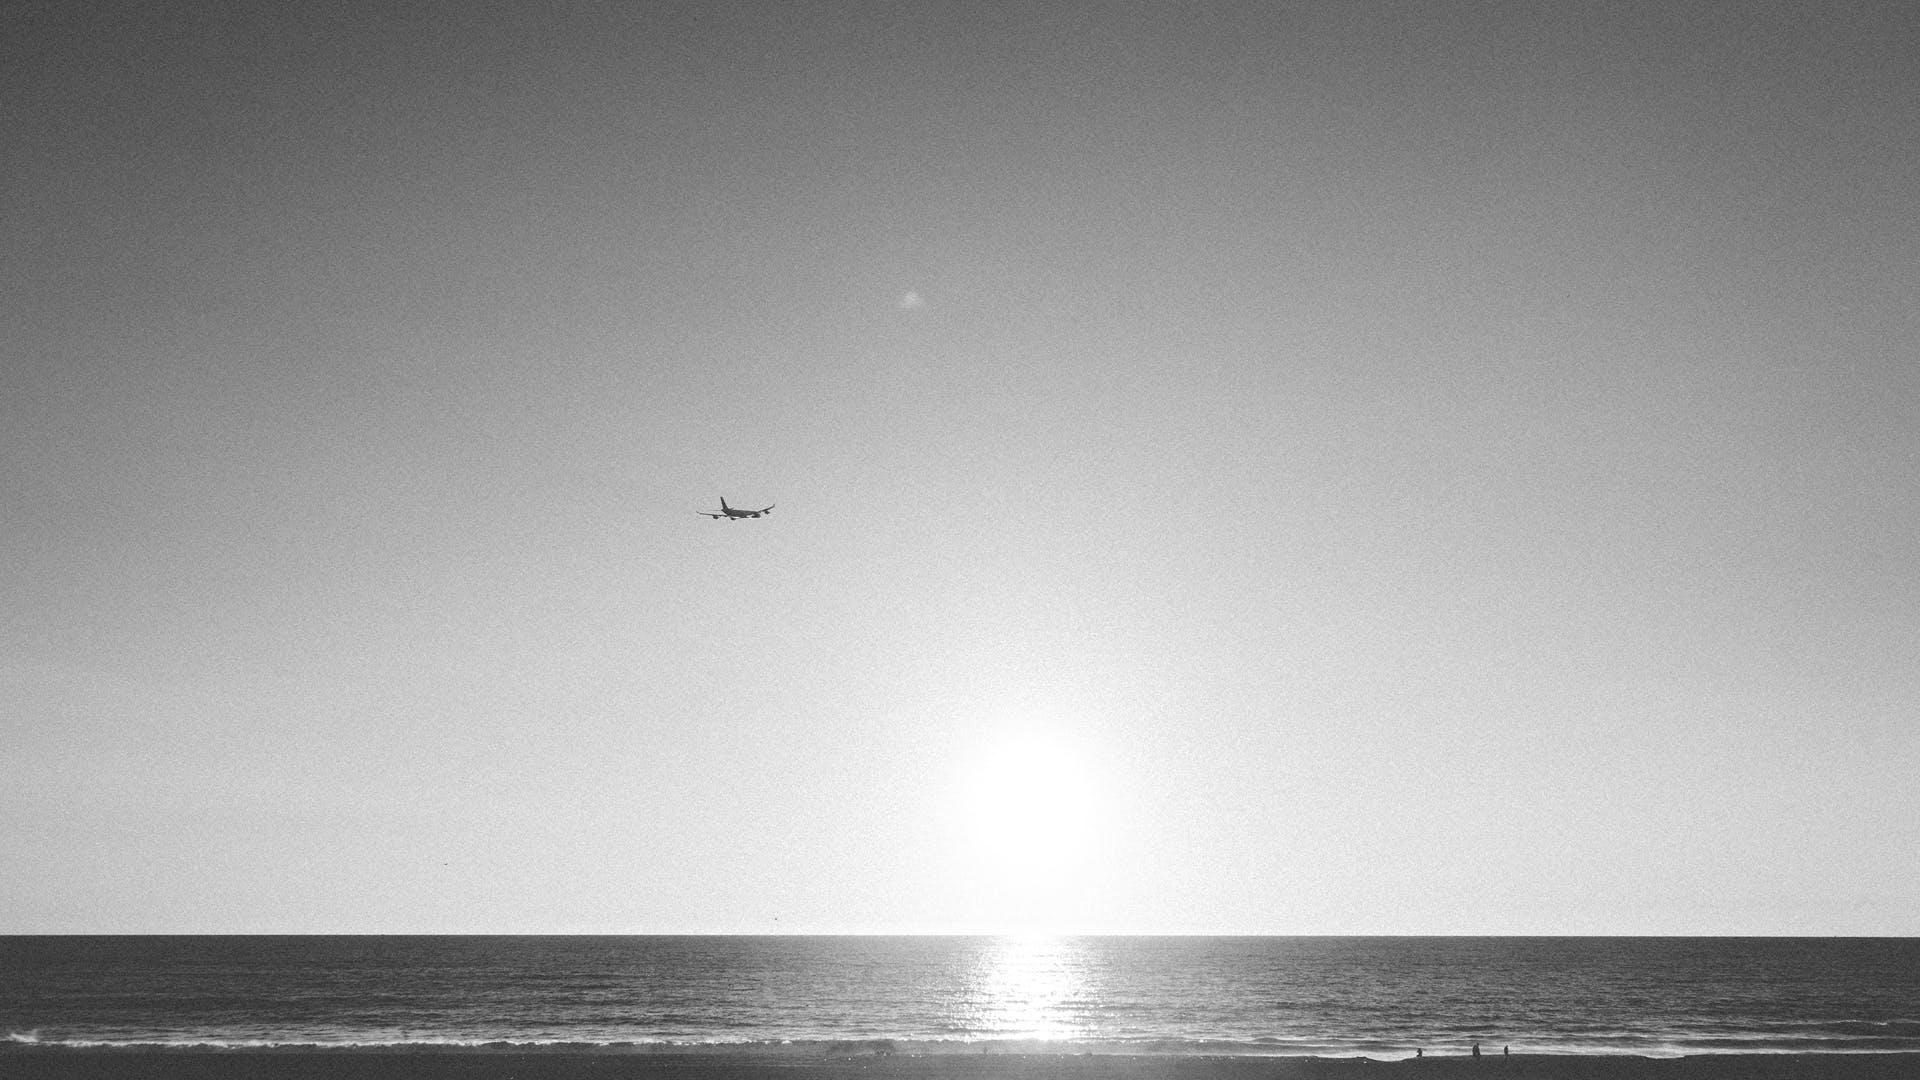 Airplane Flying Above Ocean